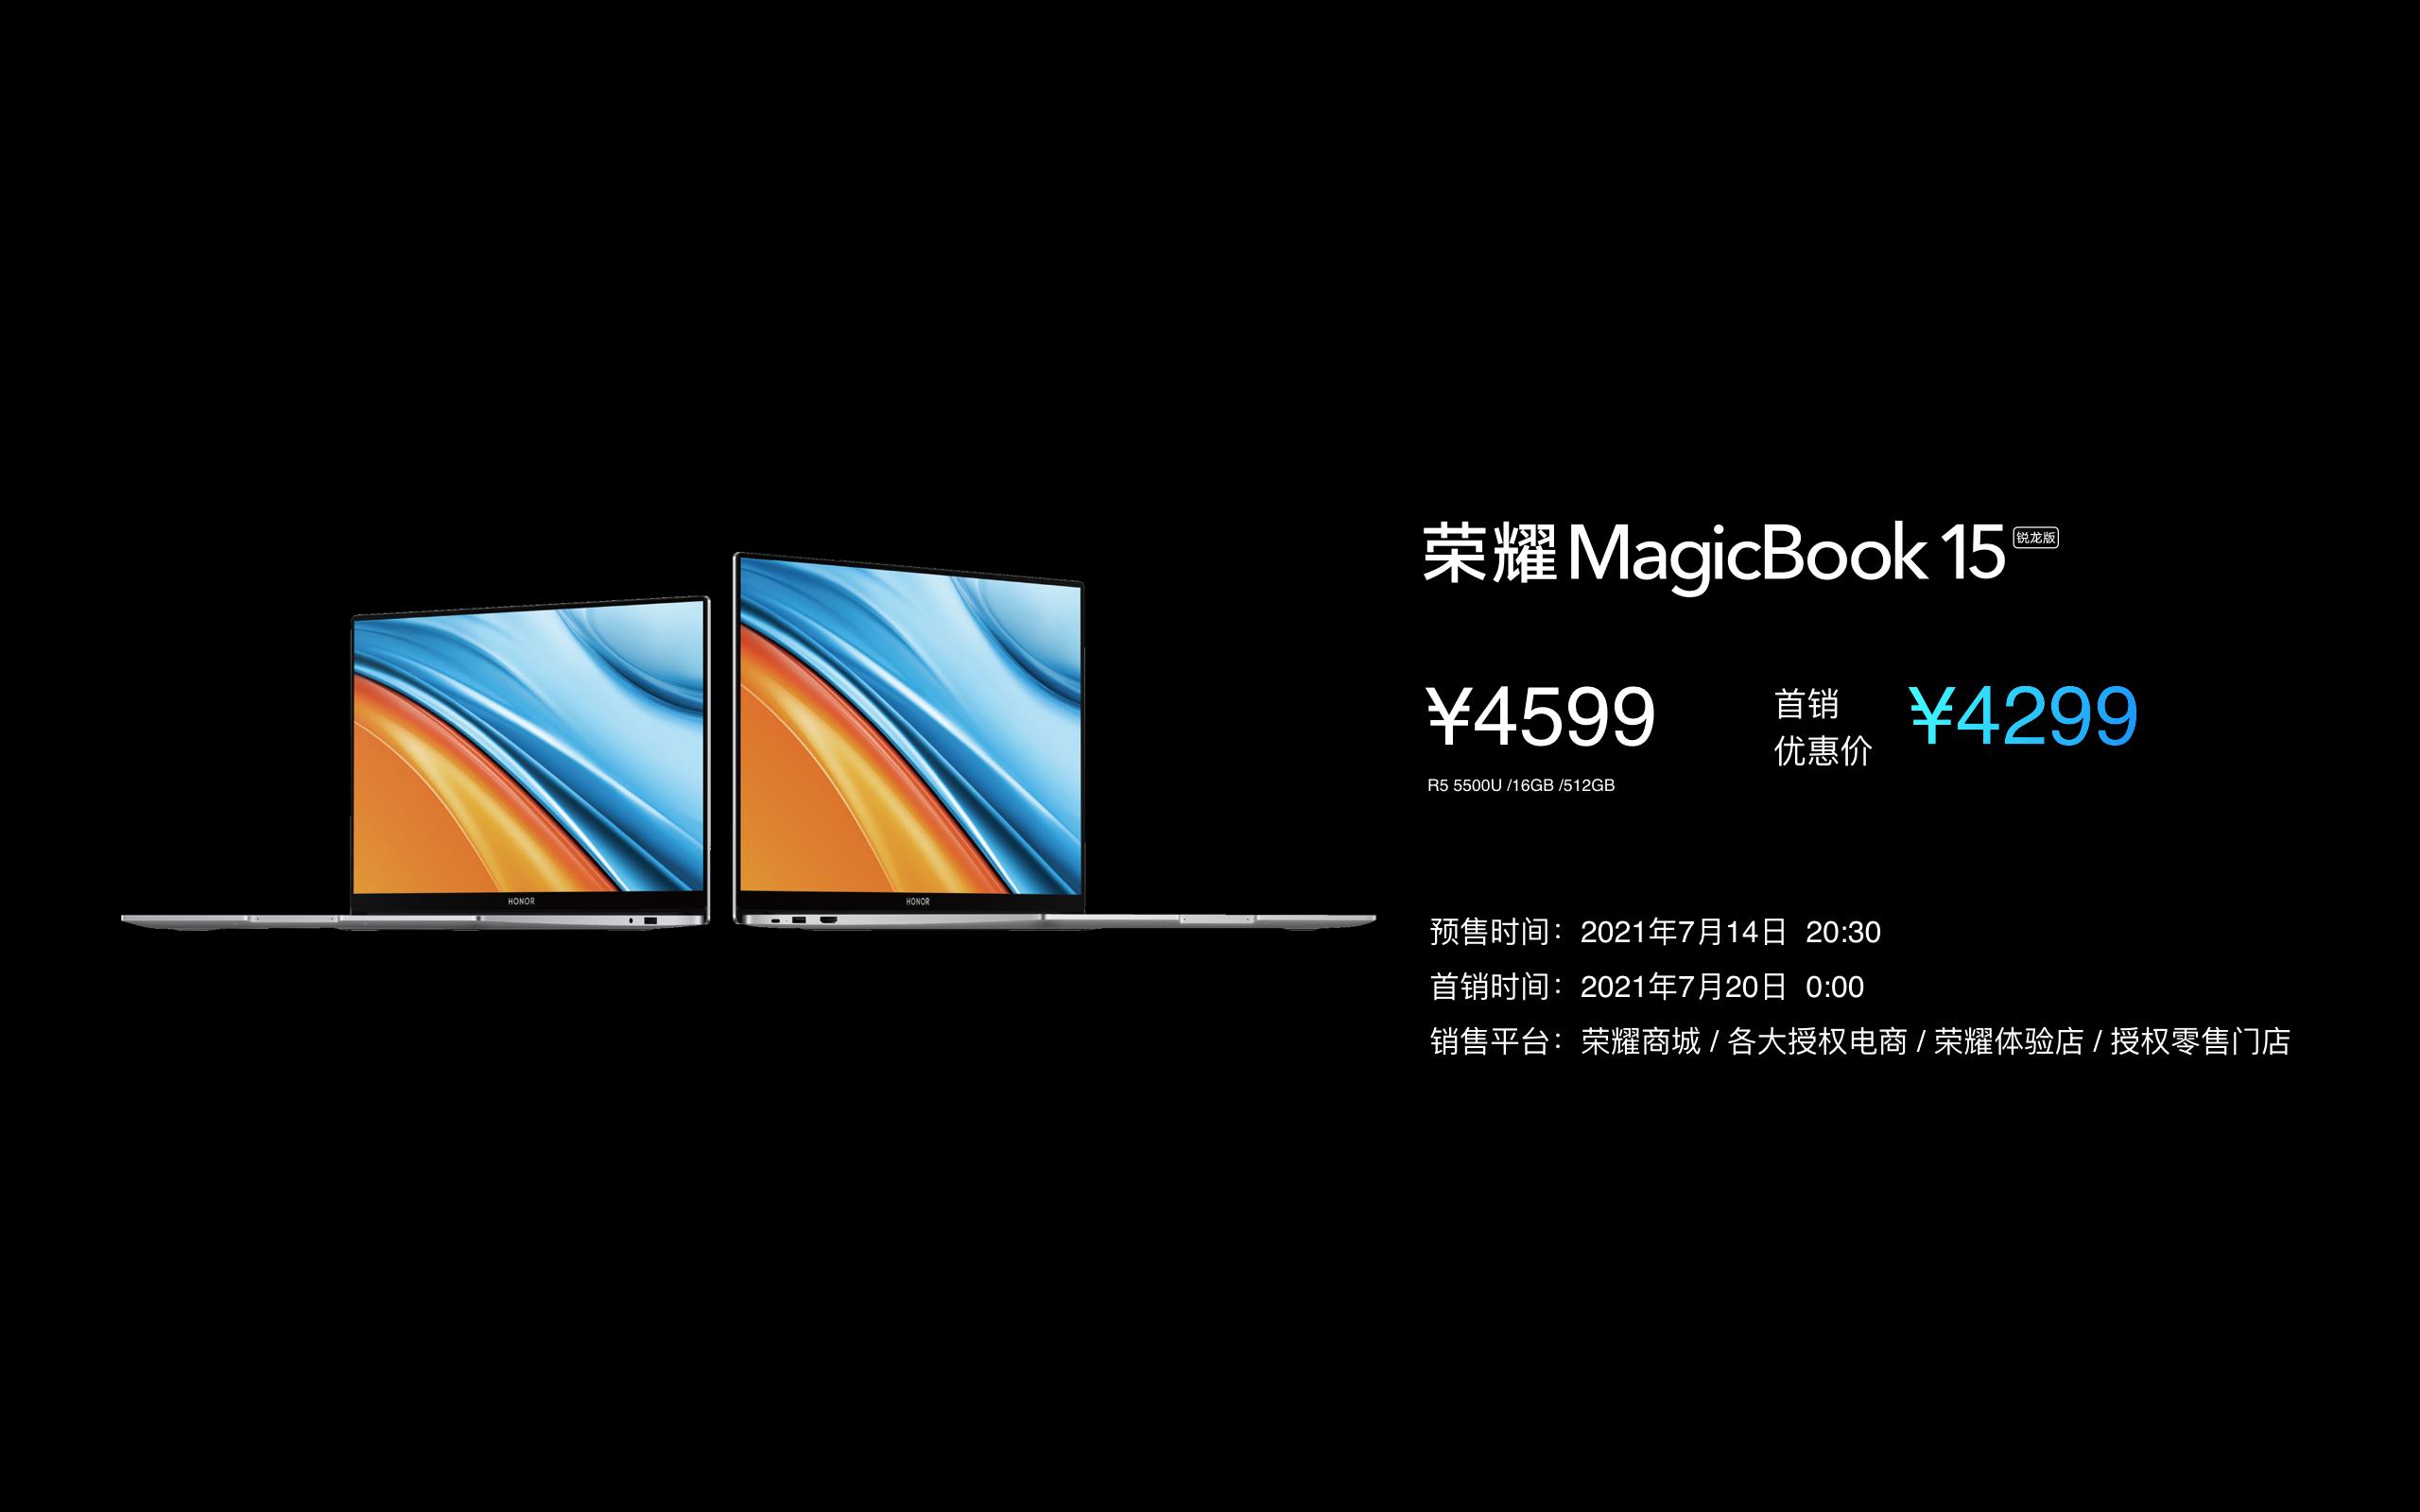 荣耀MagicBook 14/15锐龙版2021款怎么样?收获媒体用户一致好评